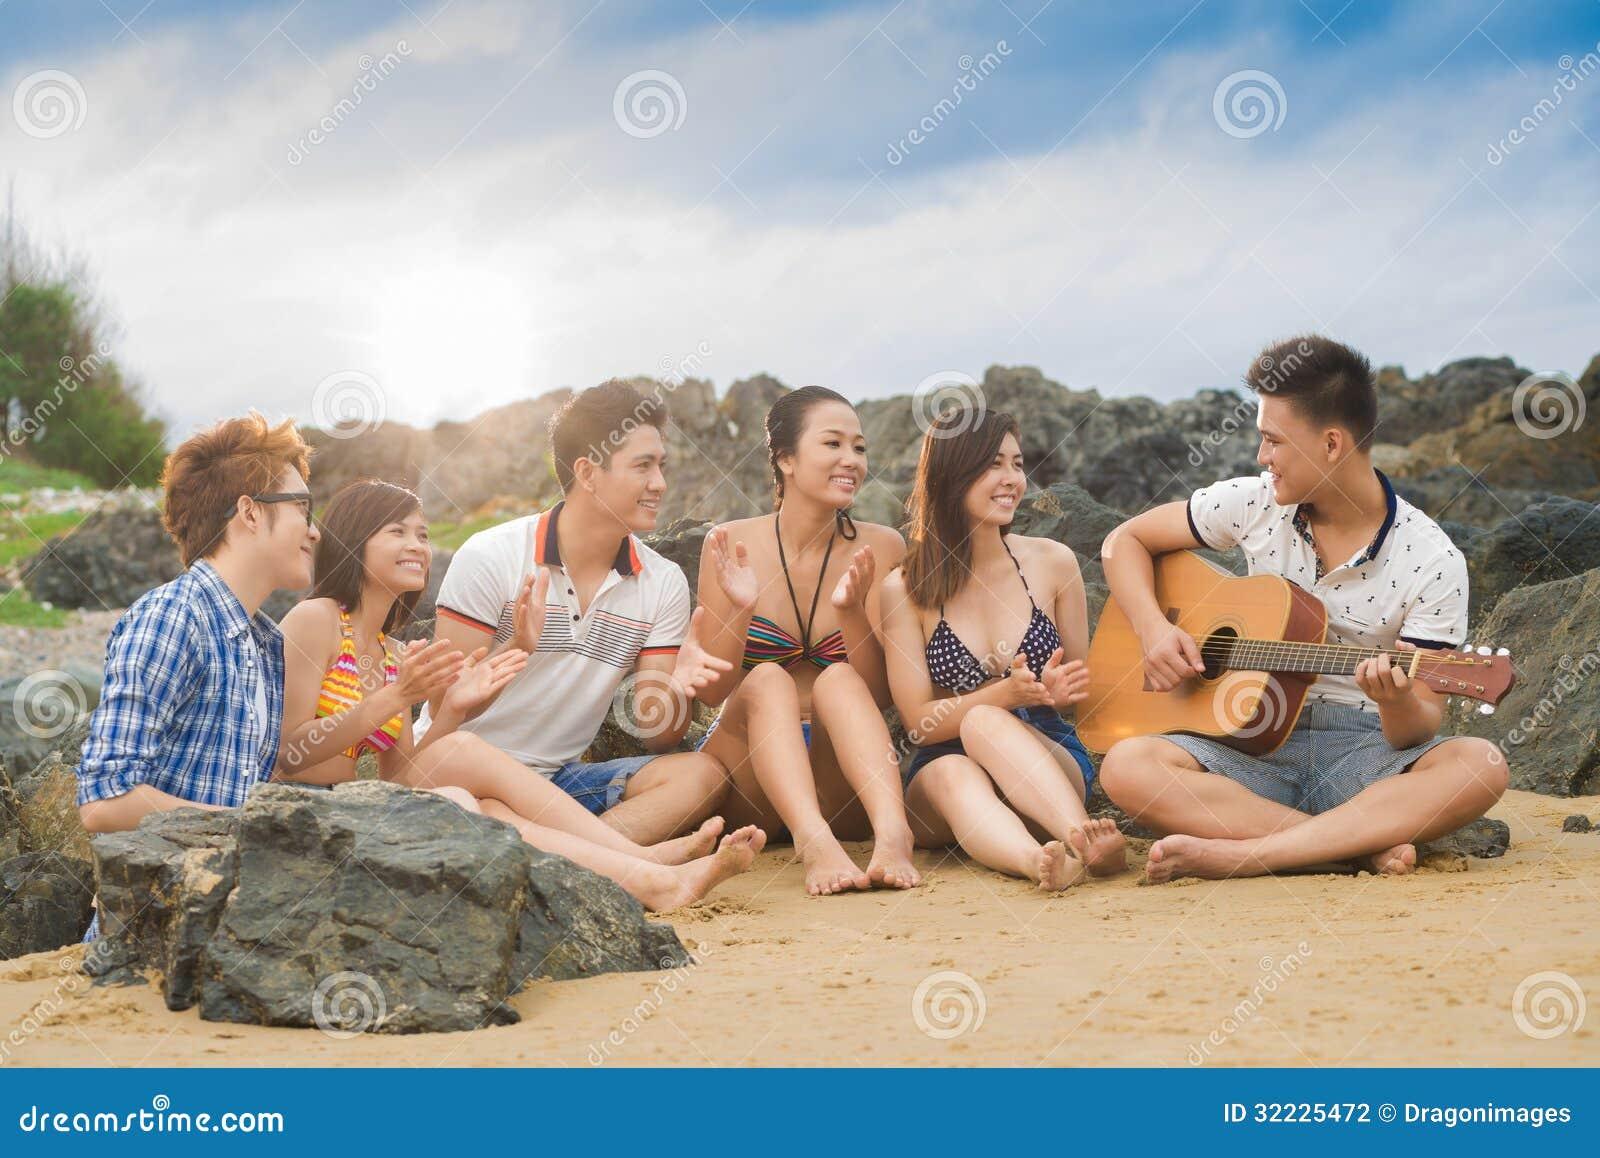 Download Ovações de Friends? foto de stock. Imagem de homens, partido - 32225472